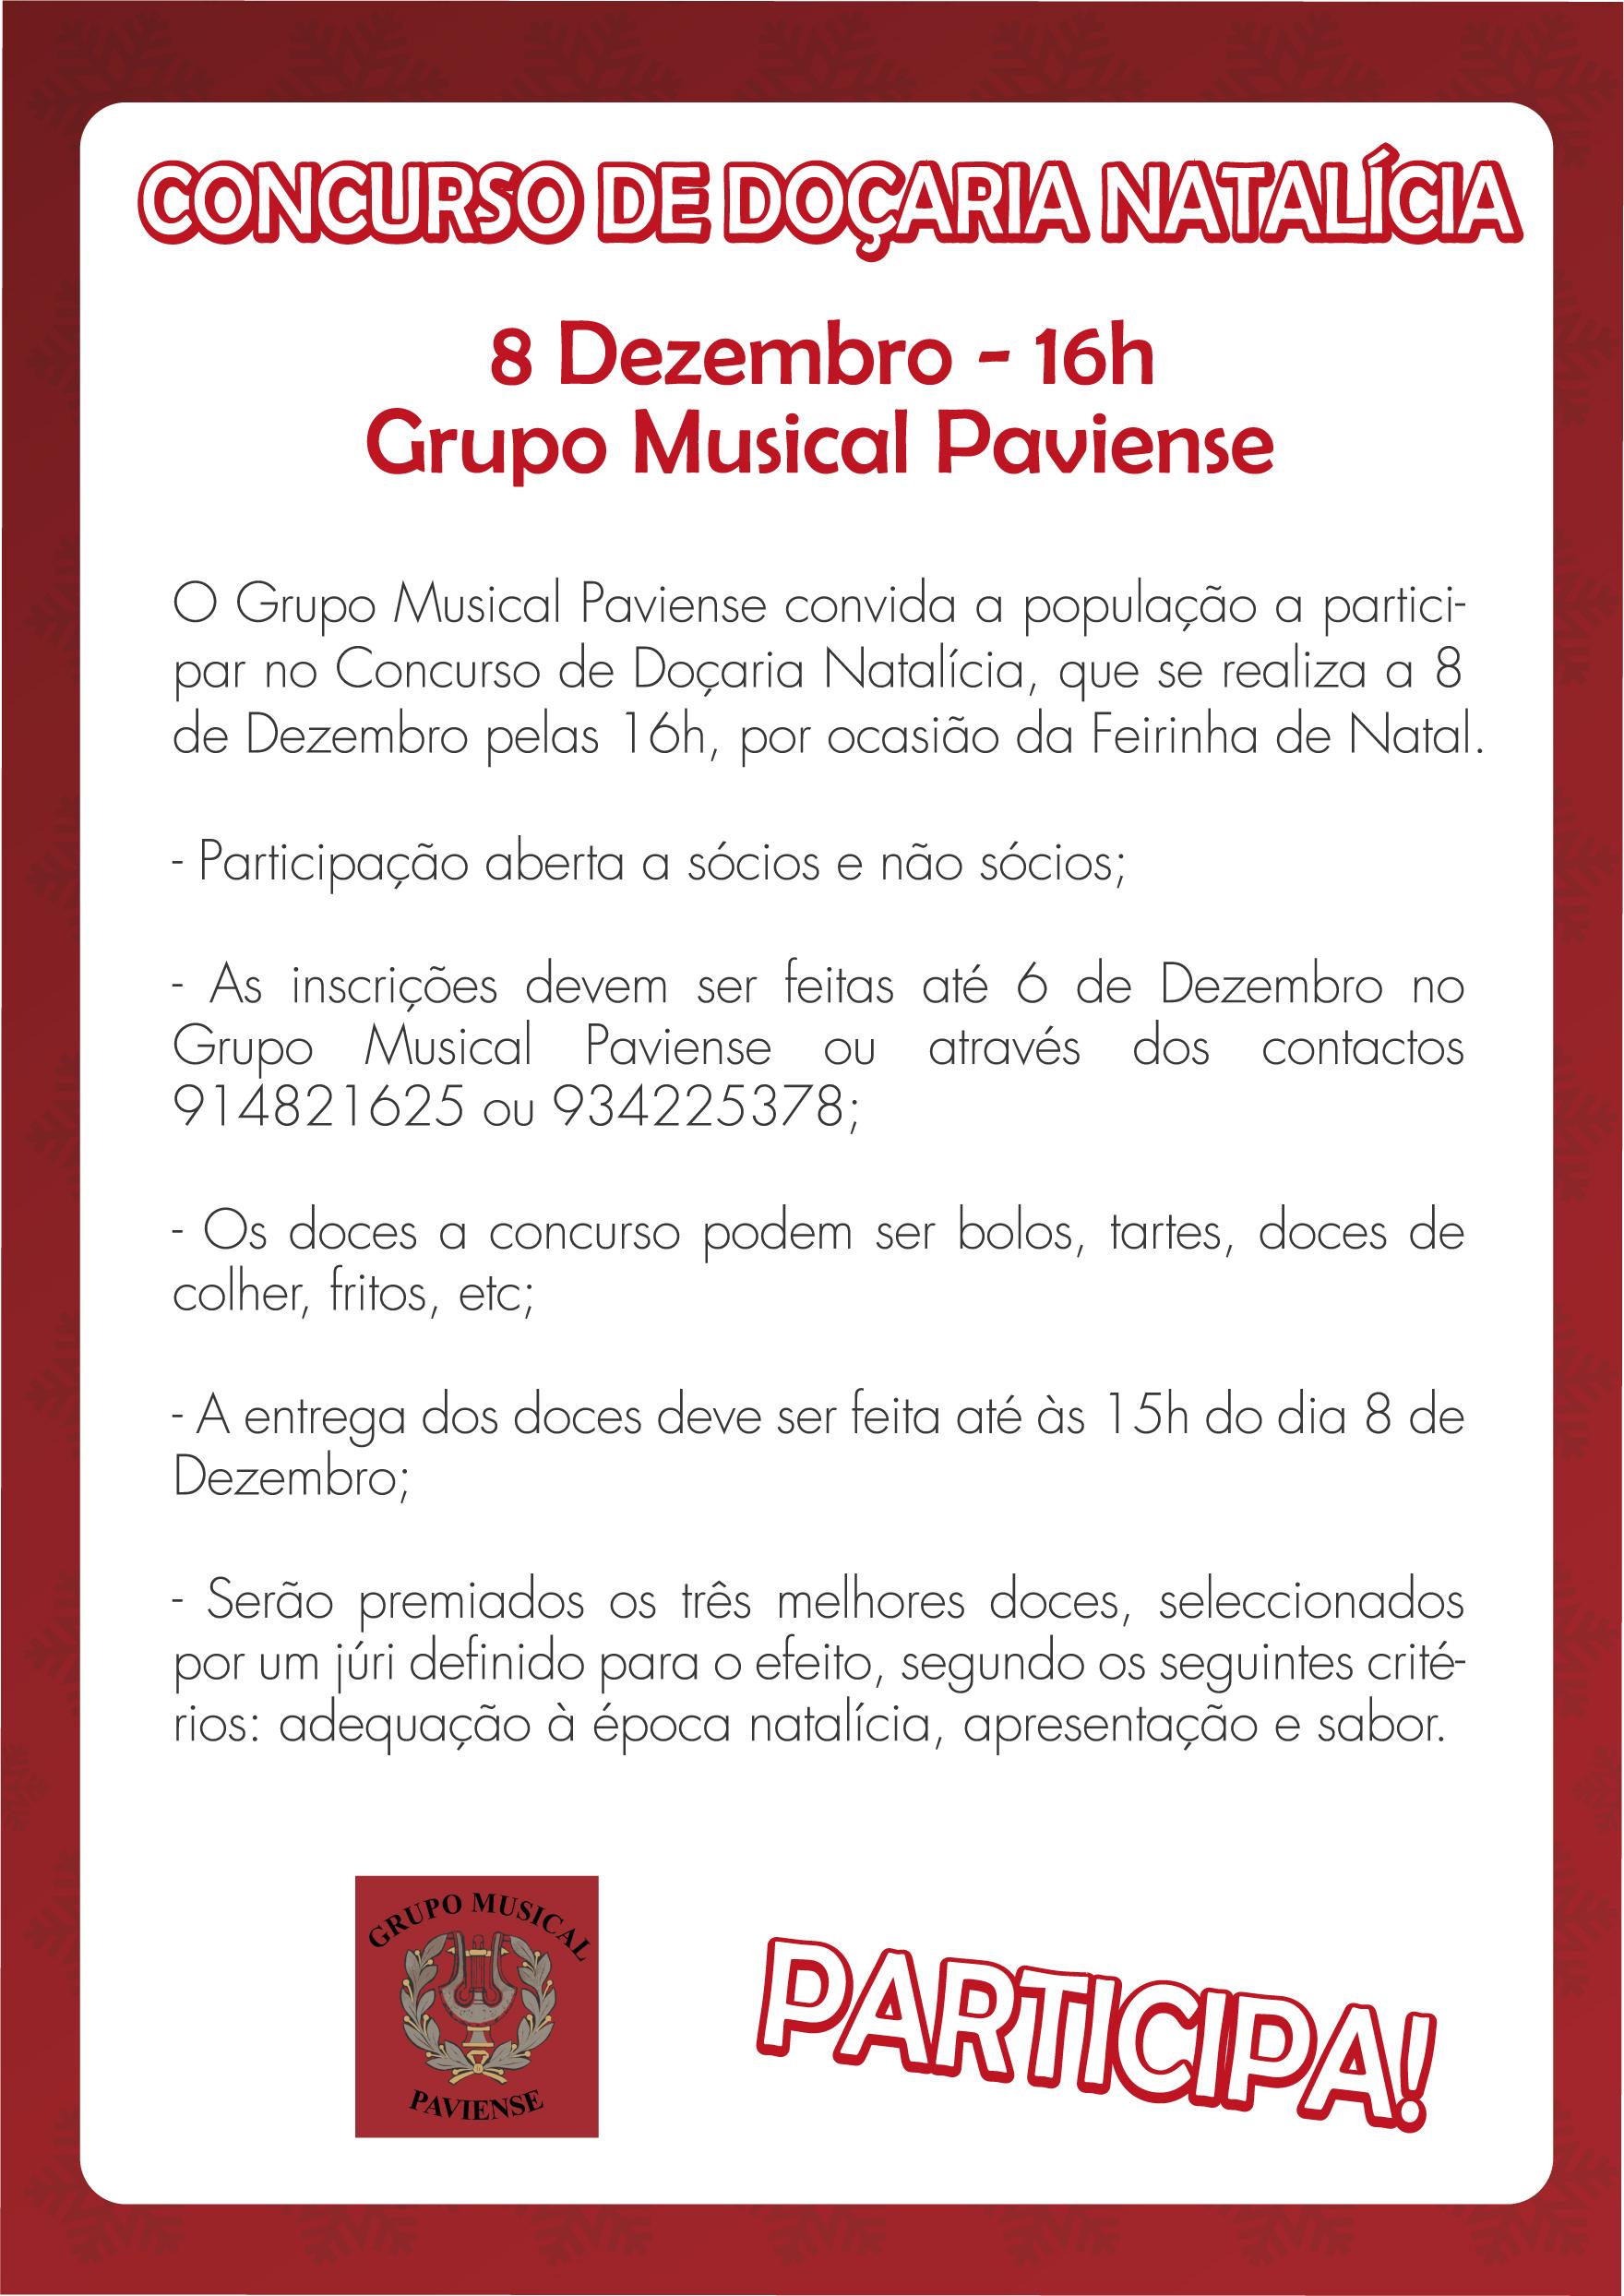 GMP - Concurso de Doçaria Natalícia.jpg